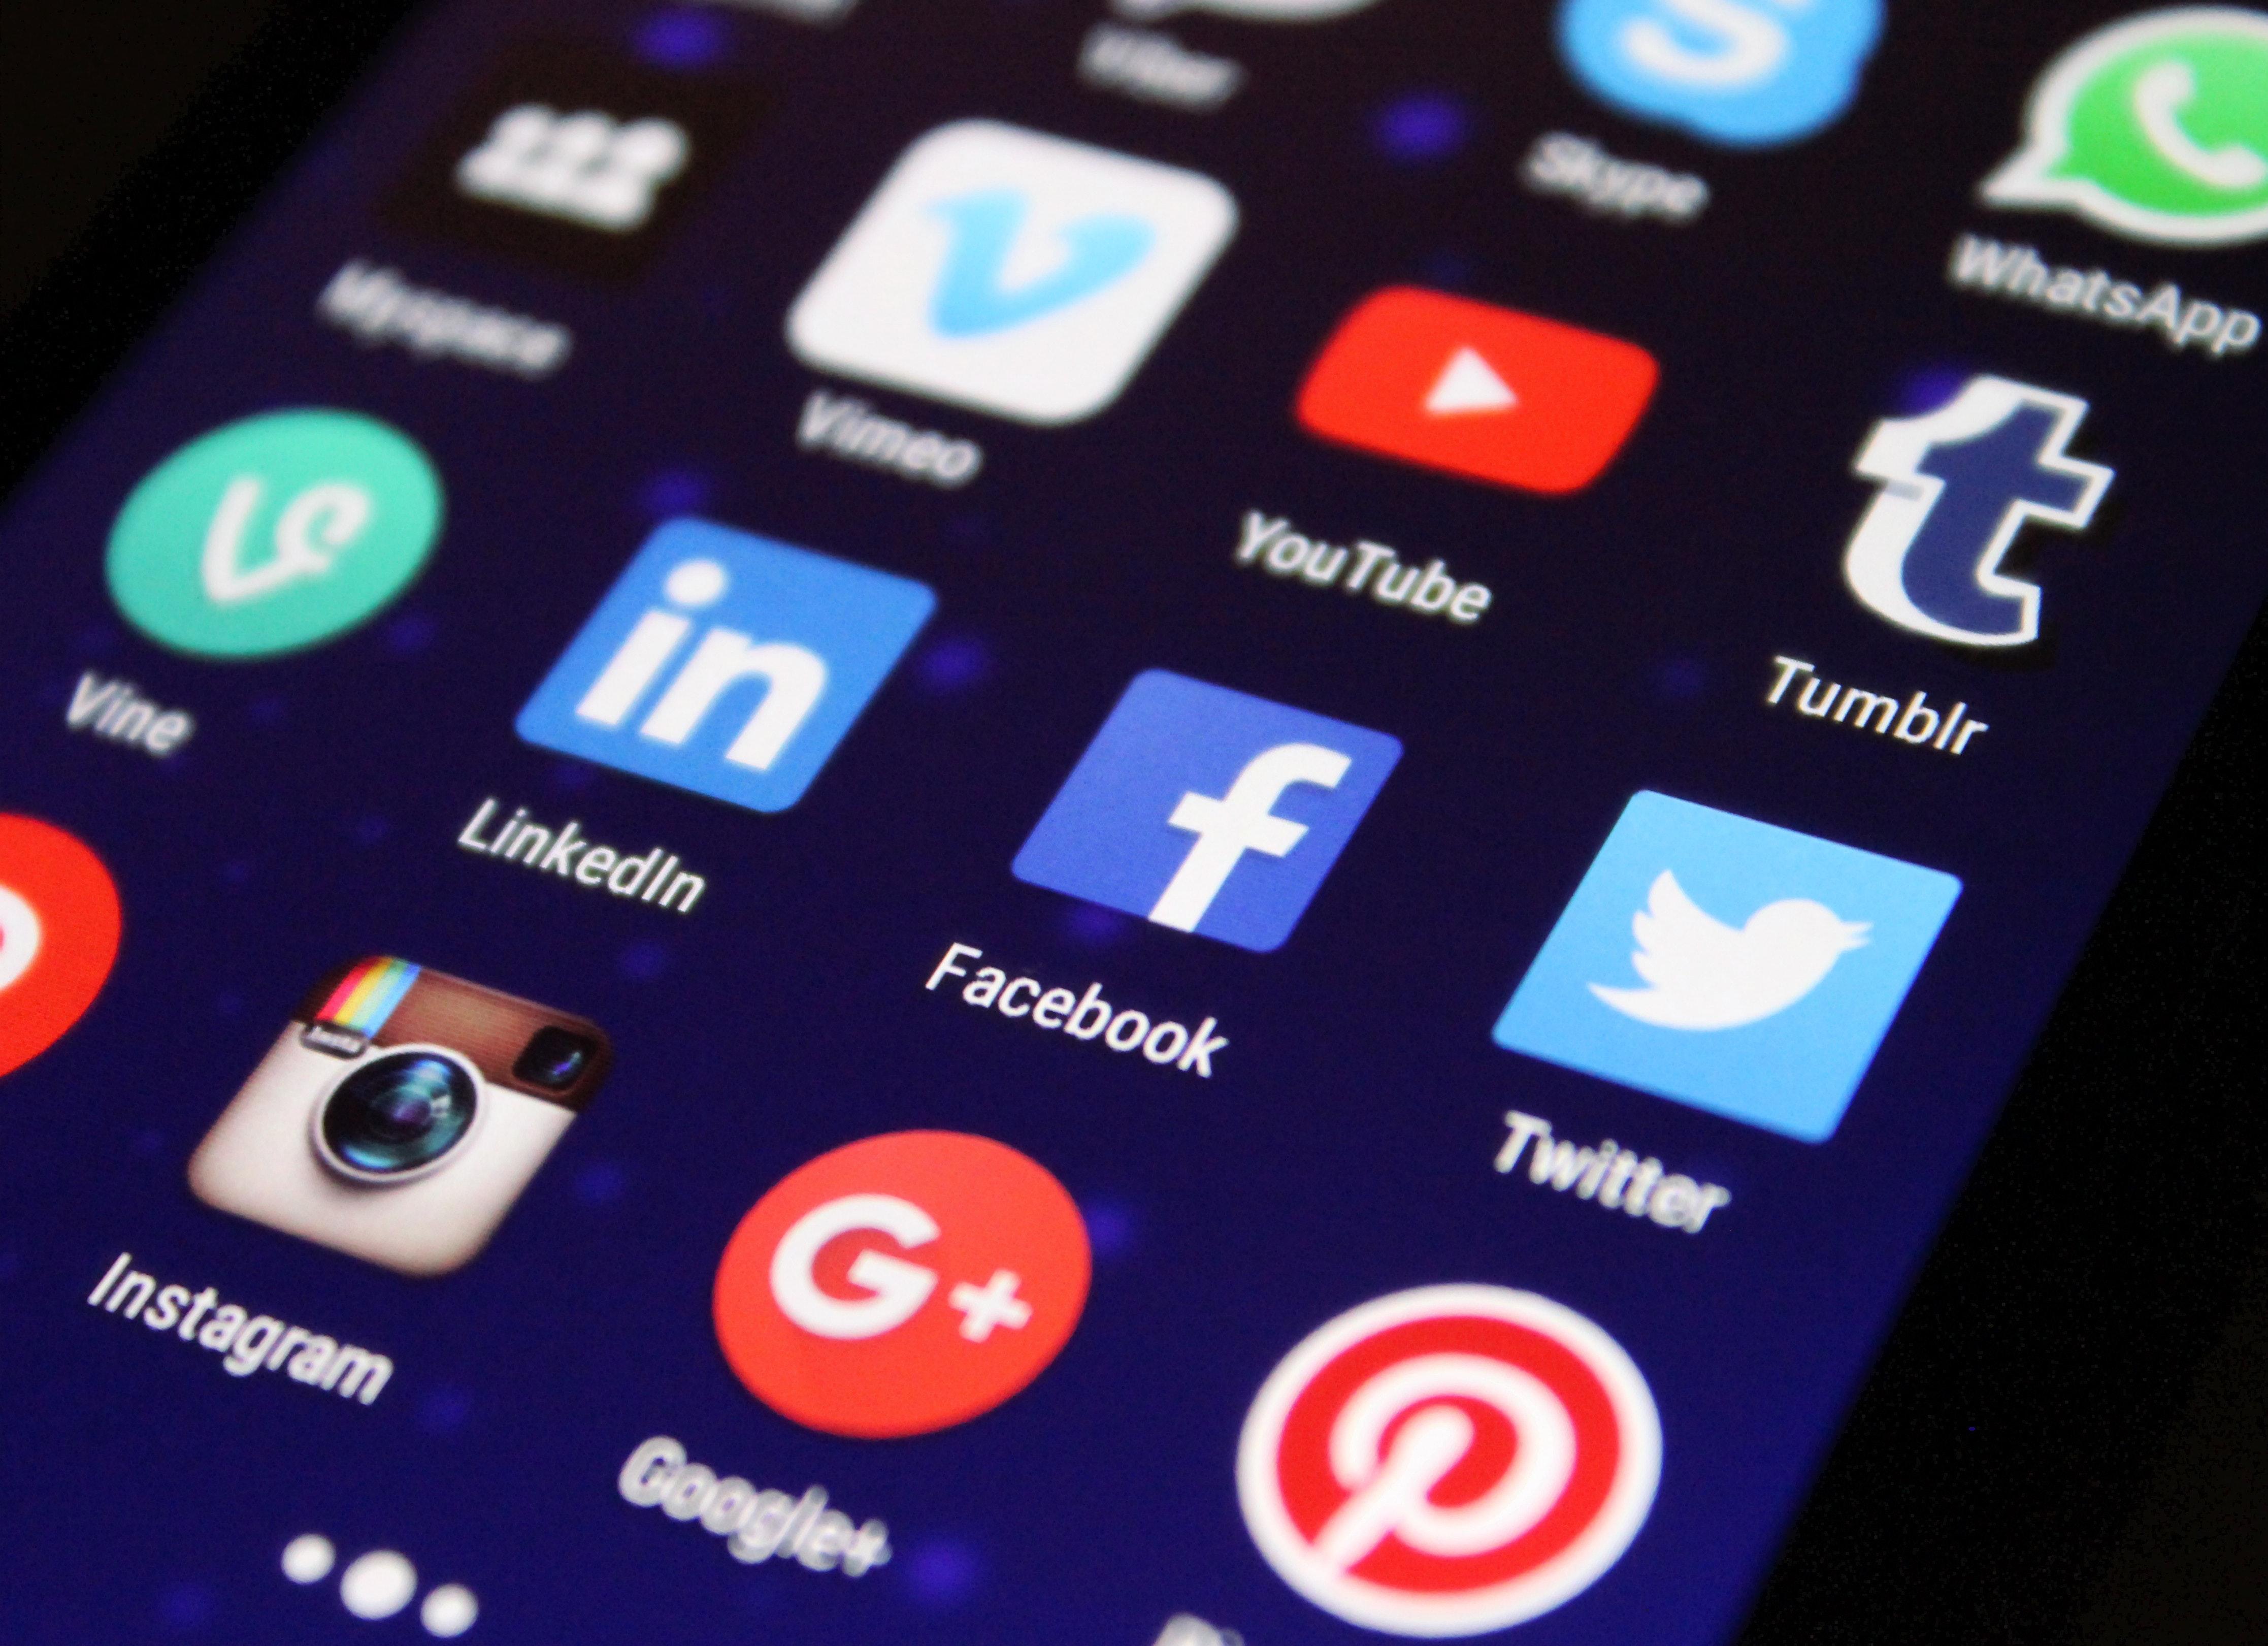 Vaticano, Guterres e o inventor da Internet pedem responsabilidade na rede